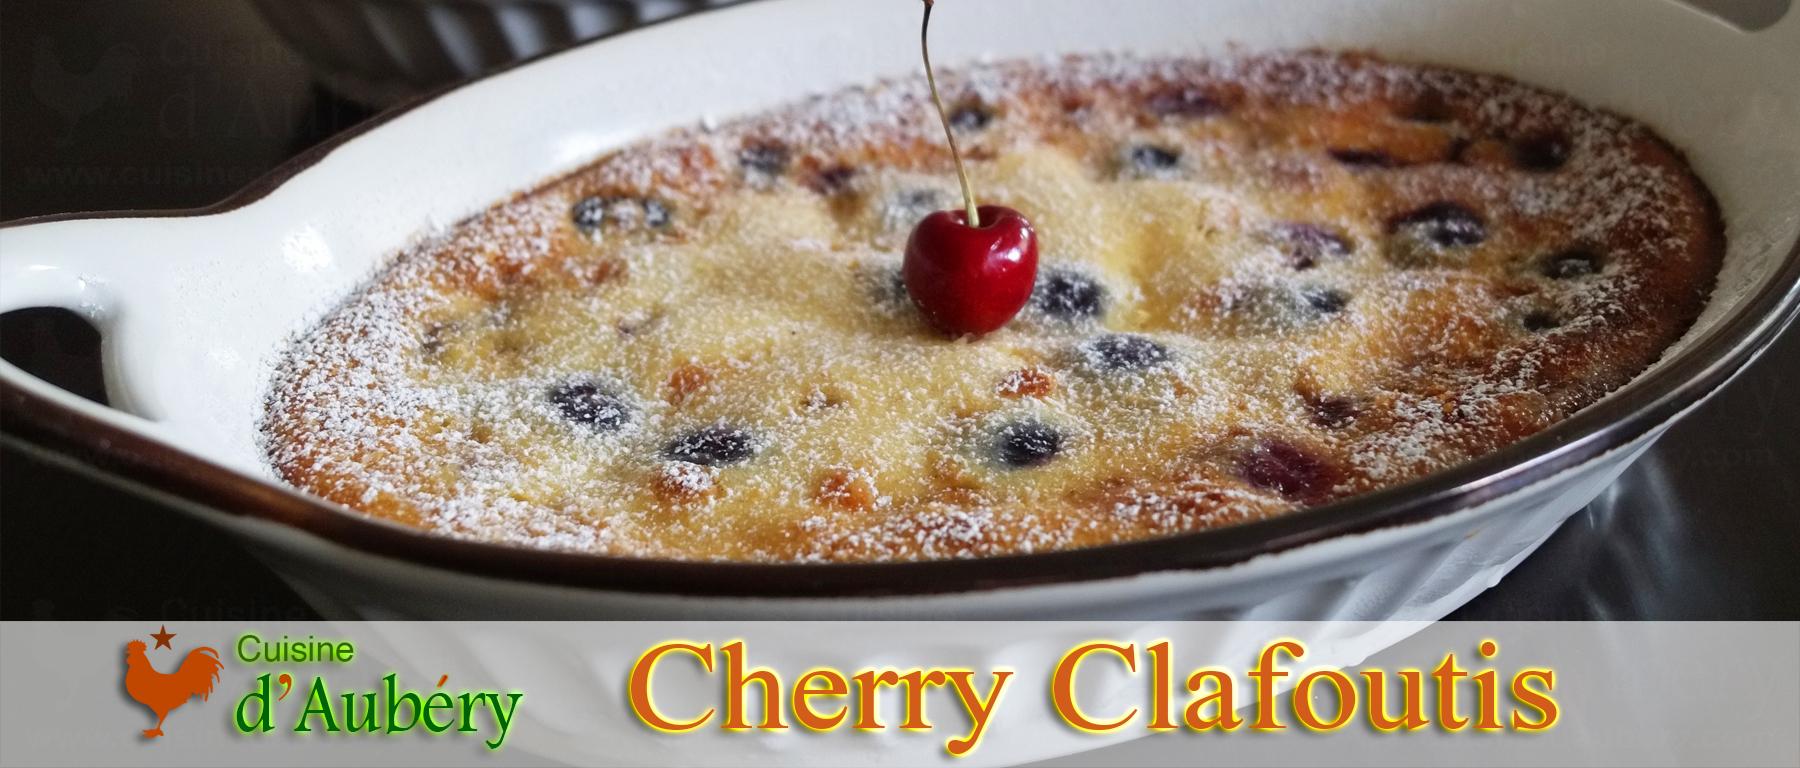 Lenotre's Cherry Clafoutis